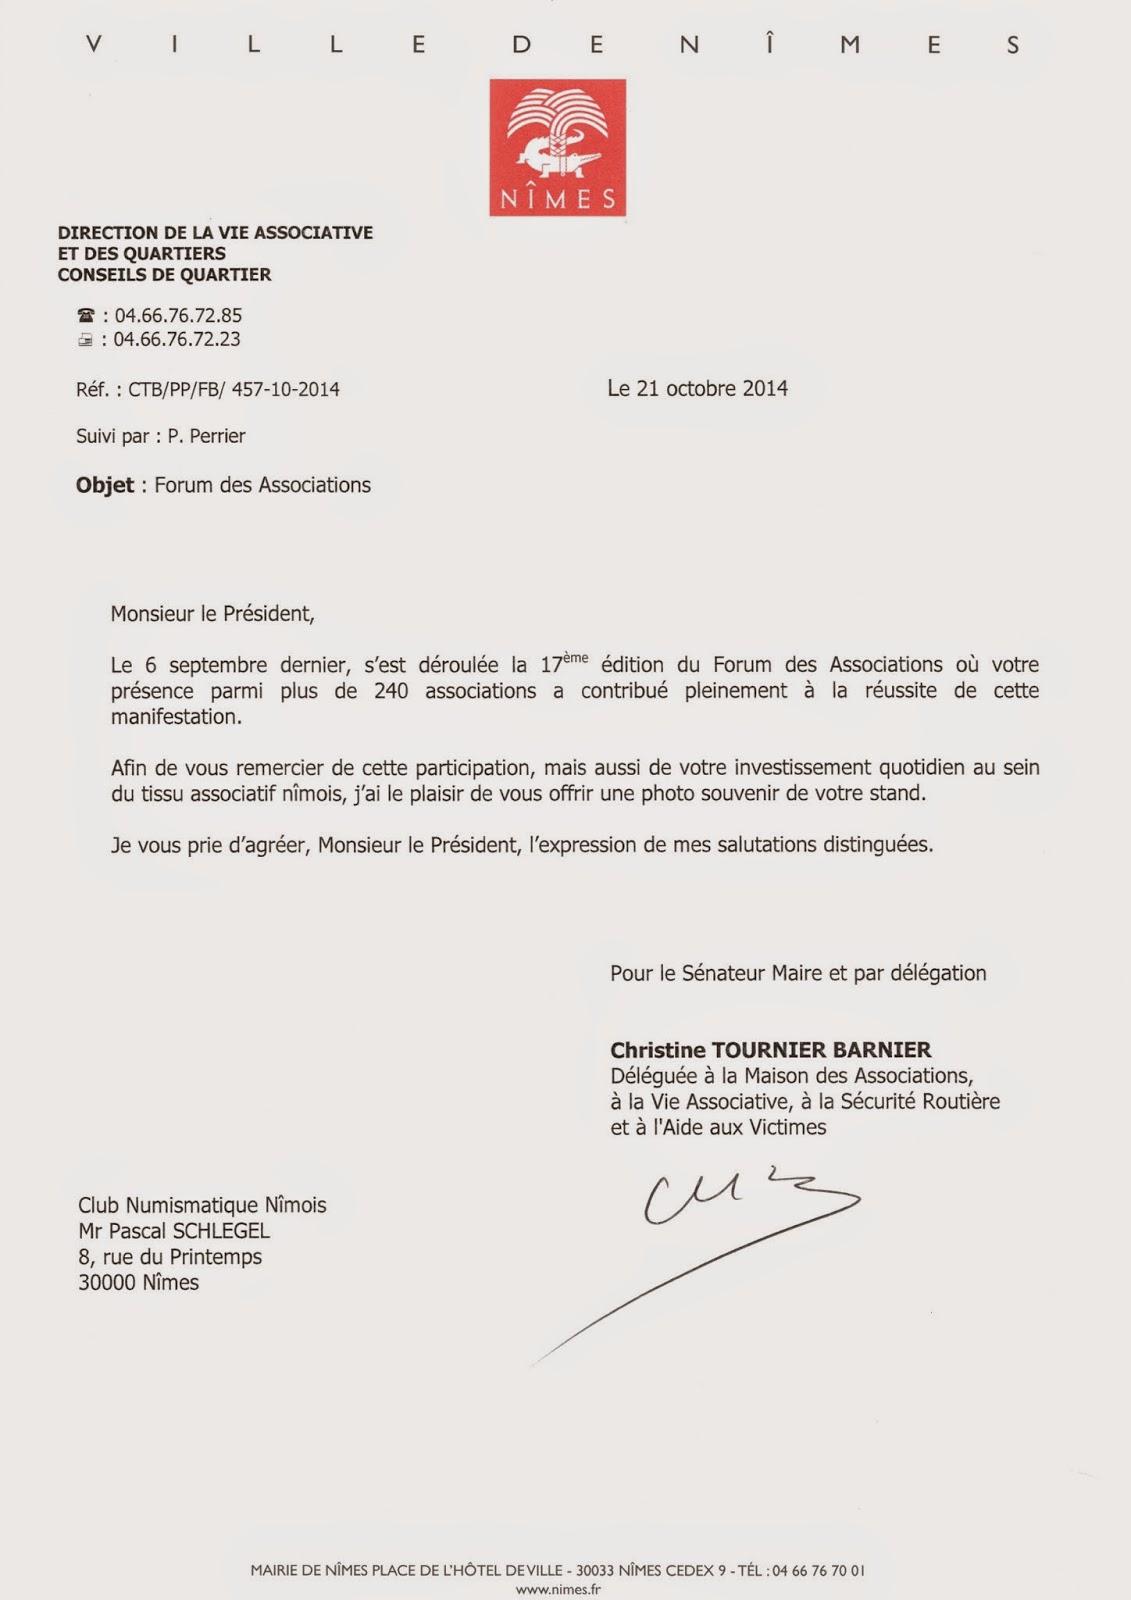 Club Numismatique Nîmois: Remerciement de la mairie de Nîmes pour